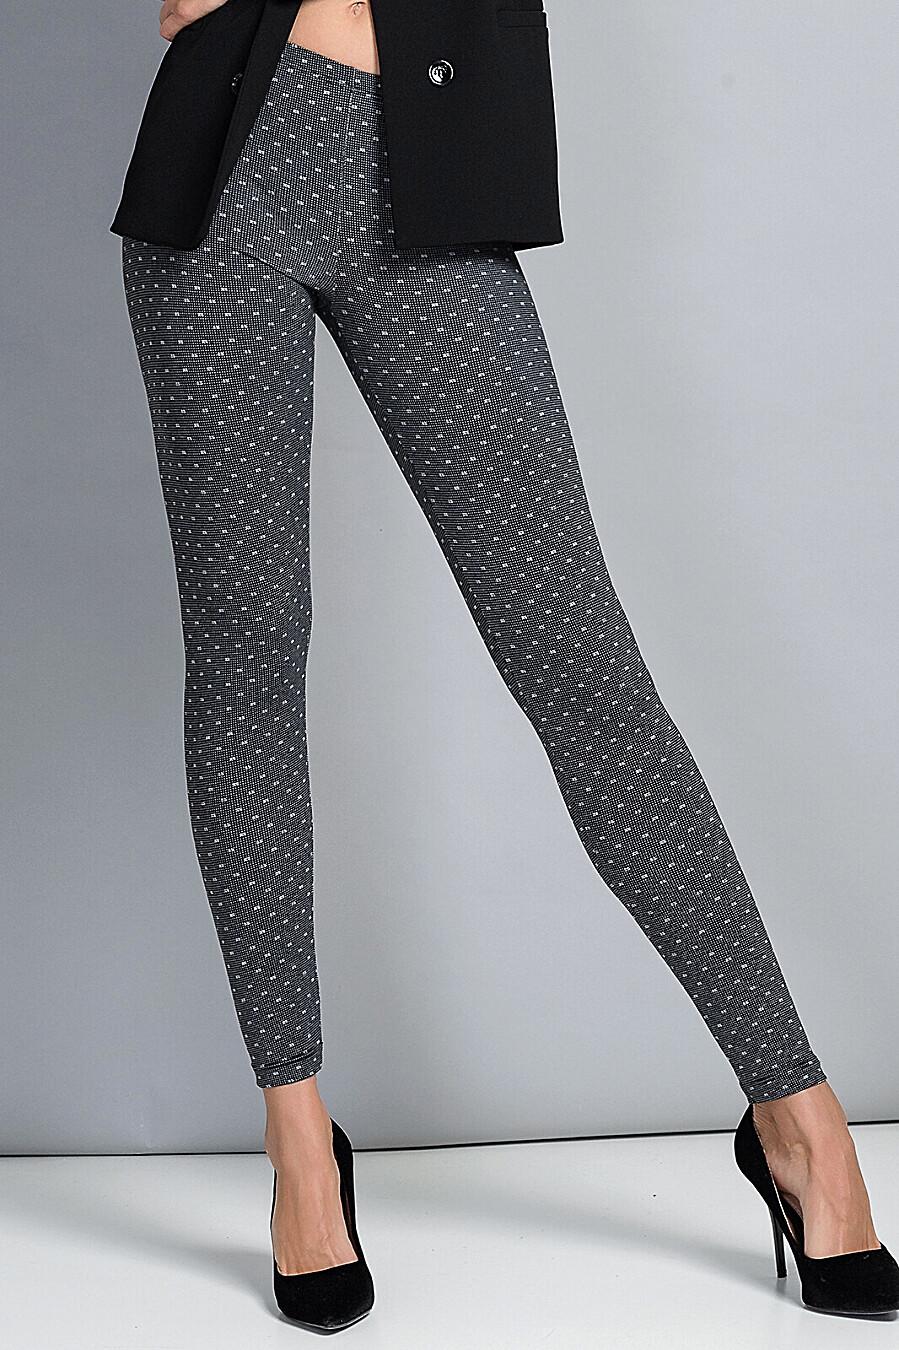 Легинсы для женщин JADEA 157148 купить оптом от производителя. Совместная покупка женской одежды в OptMoyo